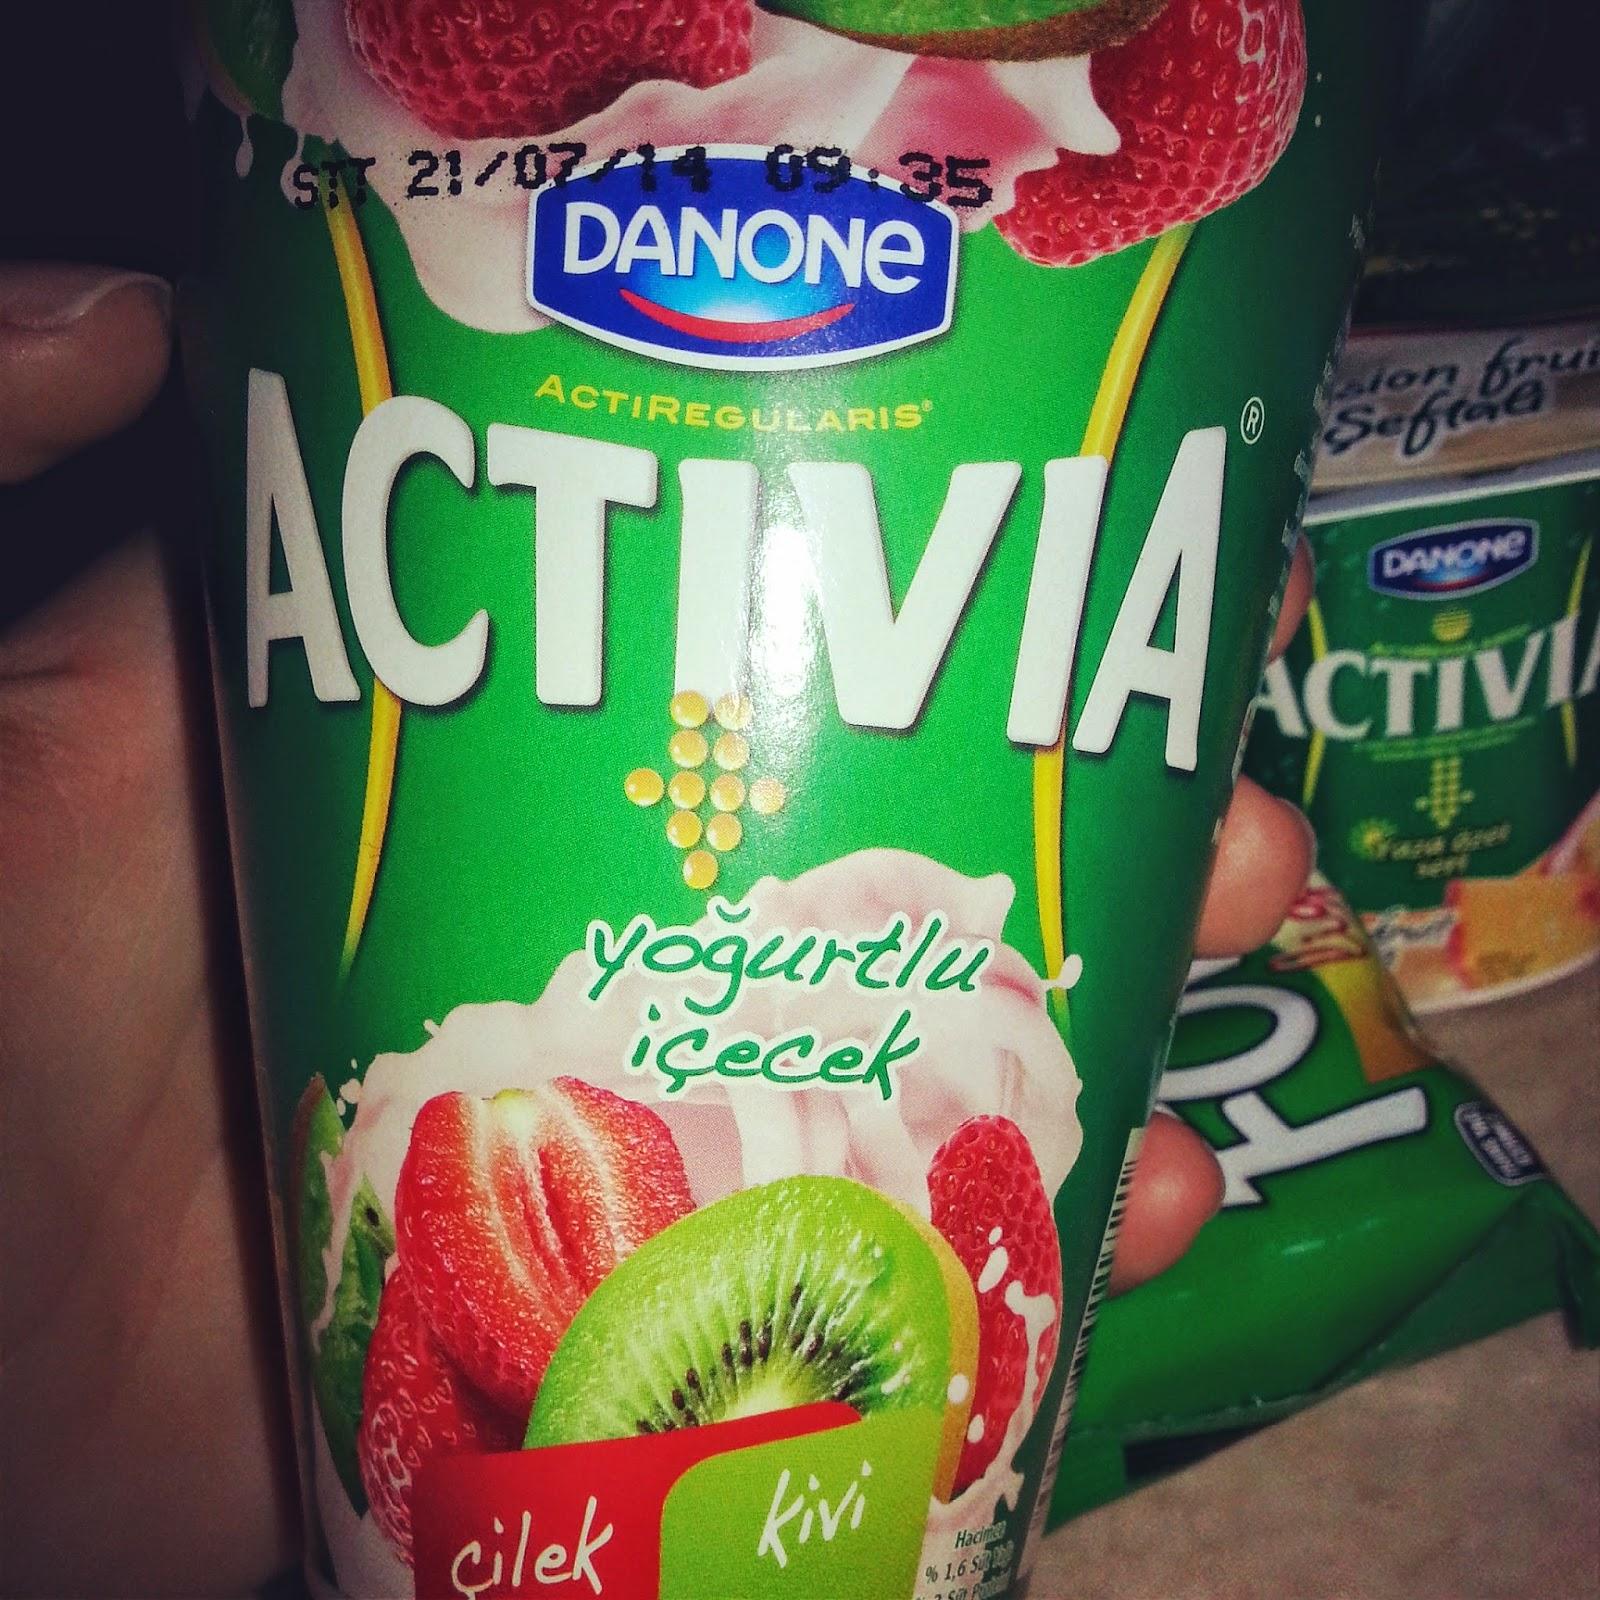 activia yoğurtlu içecek